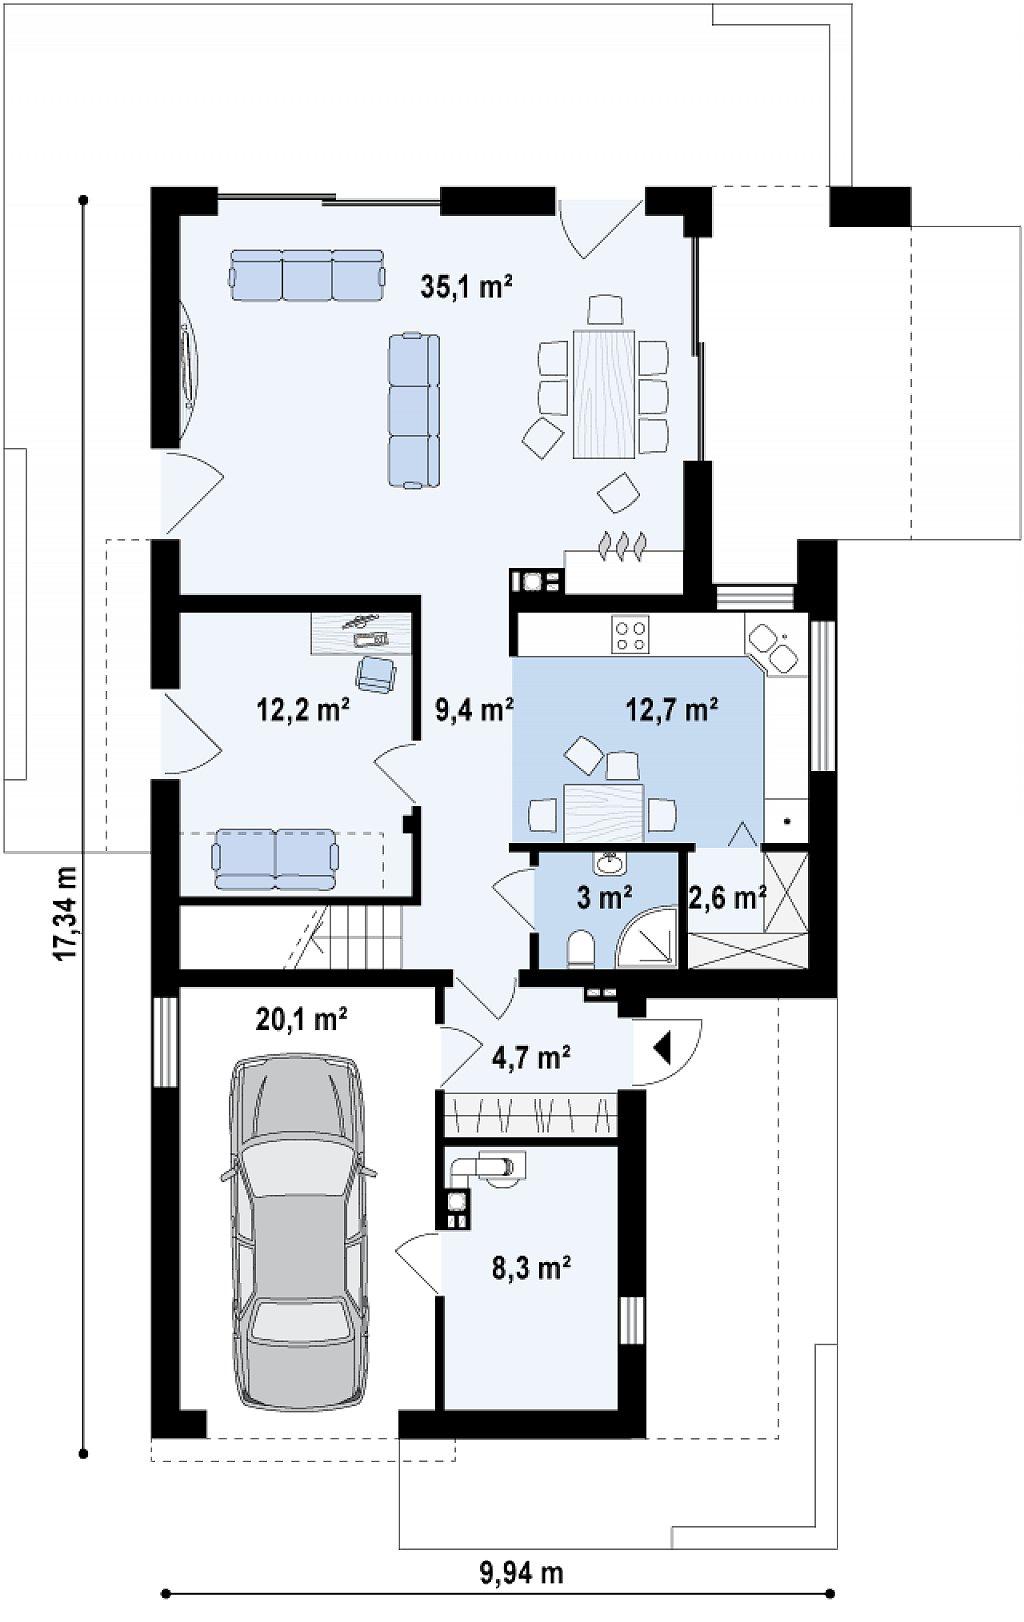 Дом характерного современного дизайна с гаражом и кабинетом на первом этаже. план помещений 1